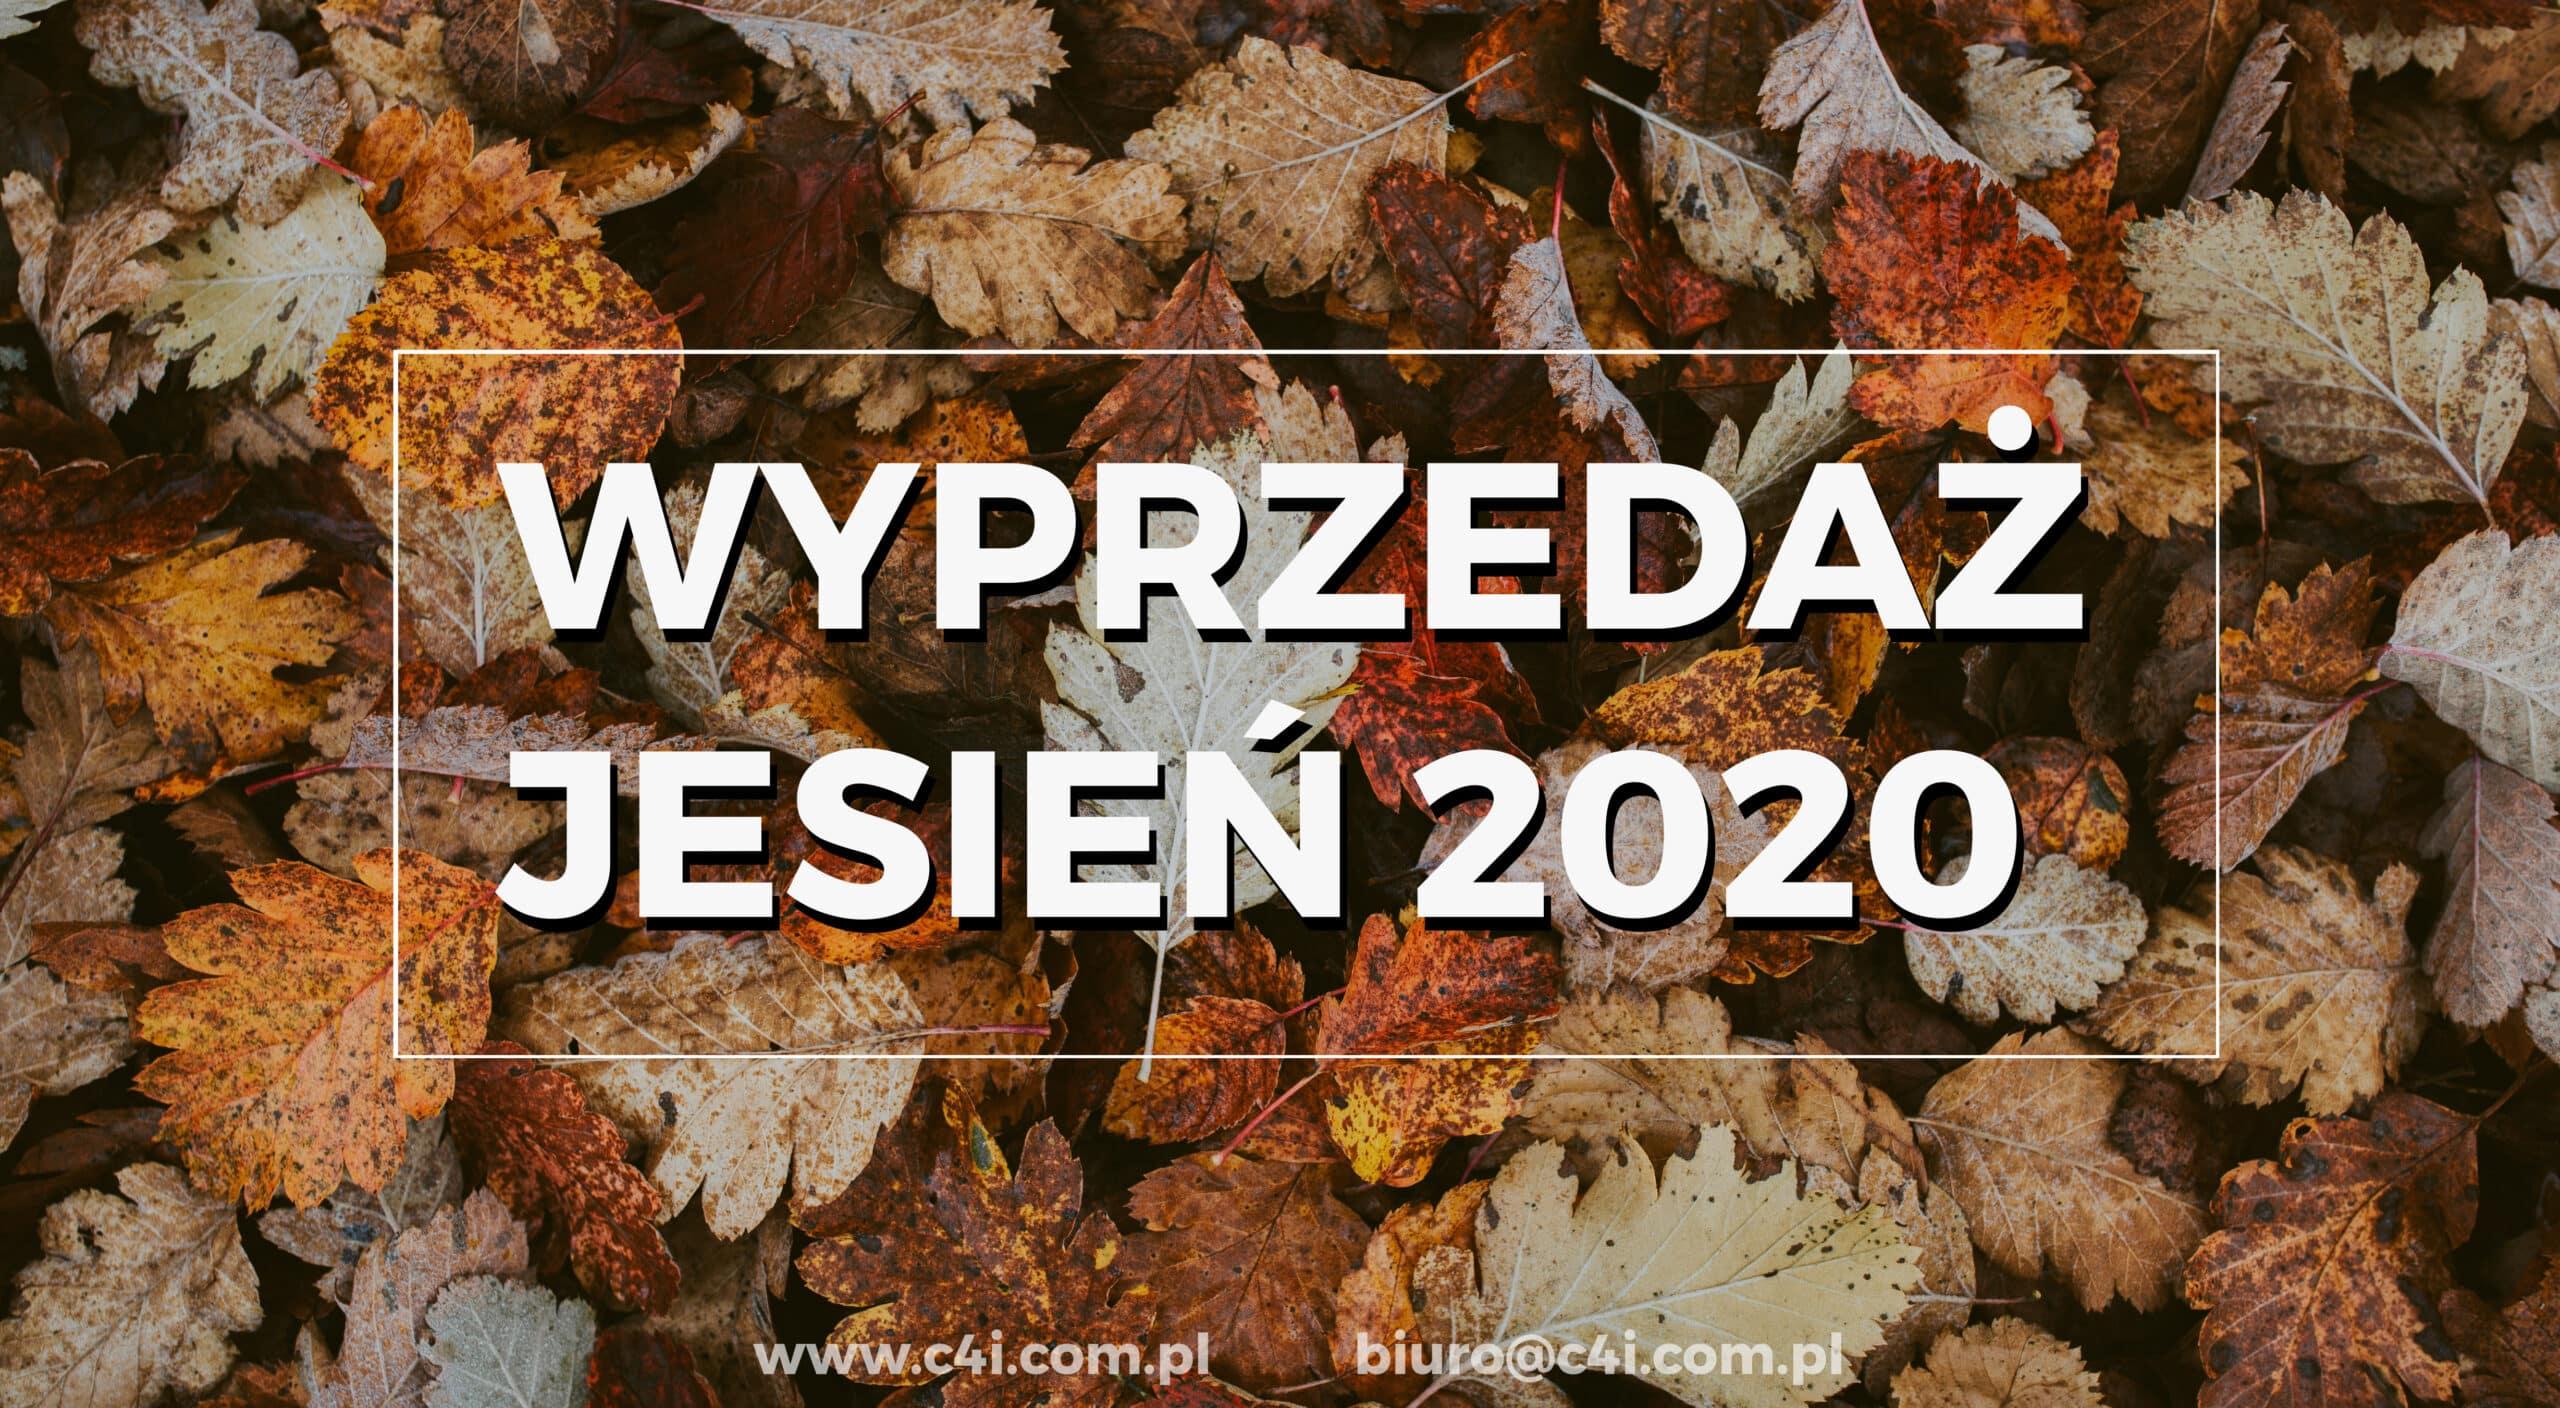 Wyprzedaż jesienna 2020